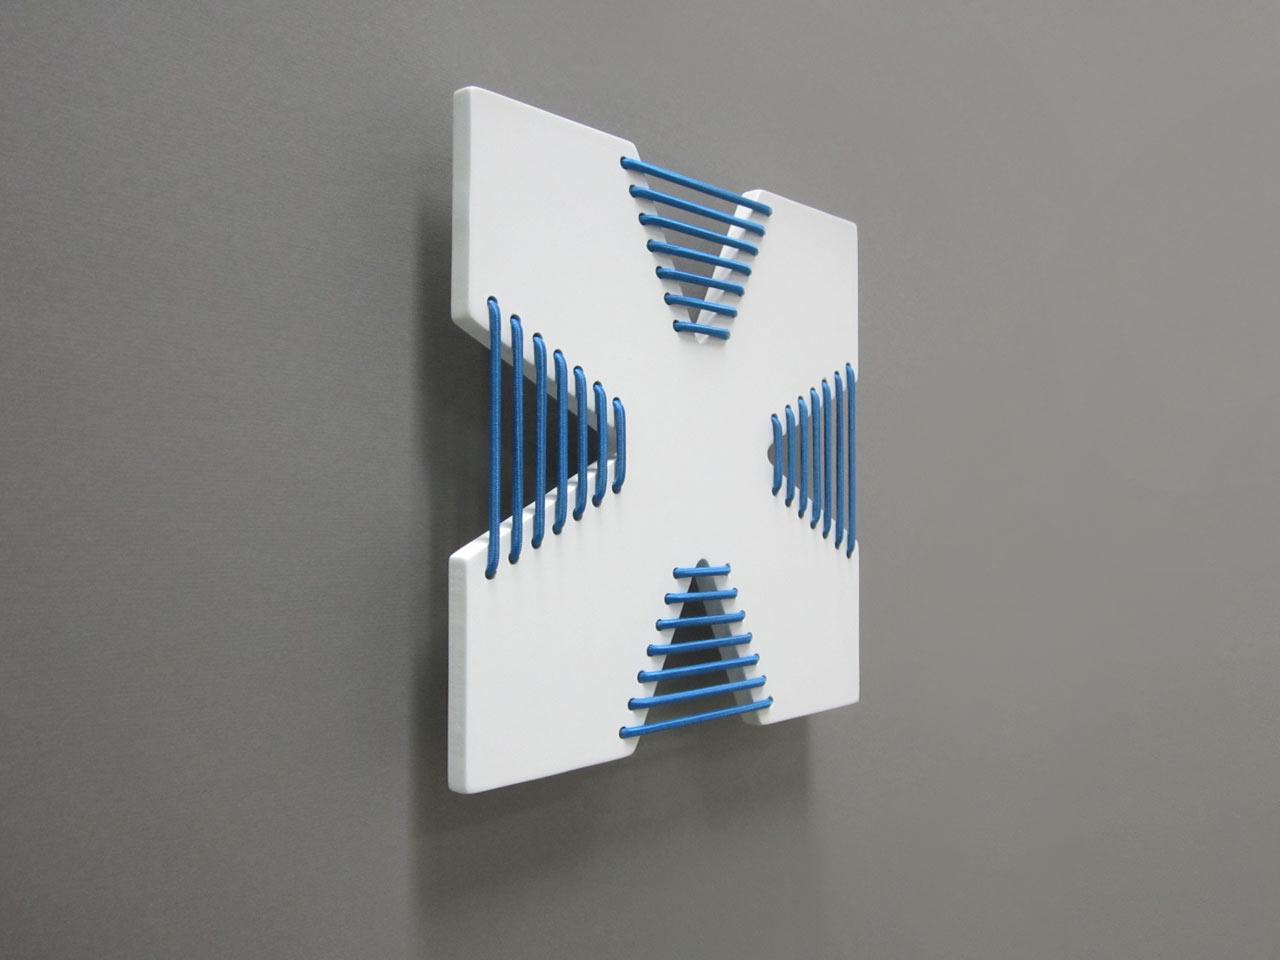 Corset-Wall-Tiles-Arbutus-Denman-4